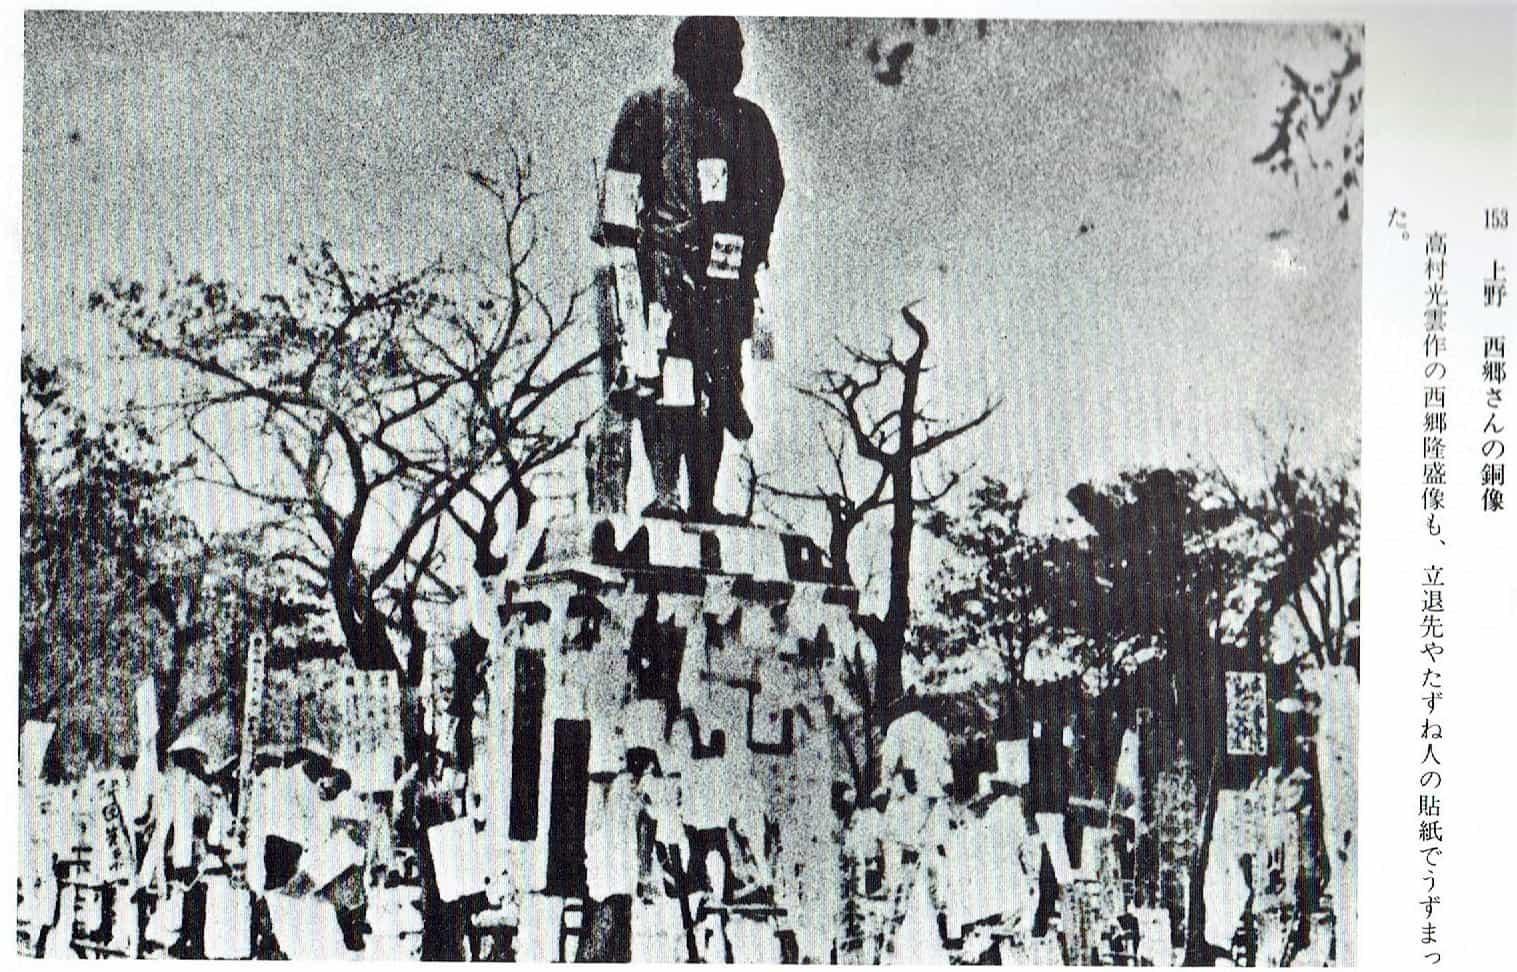 上野の西郷さんの銅像です。